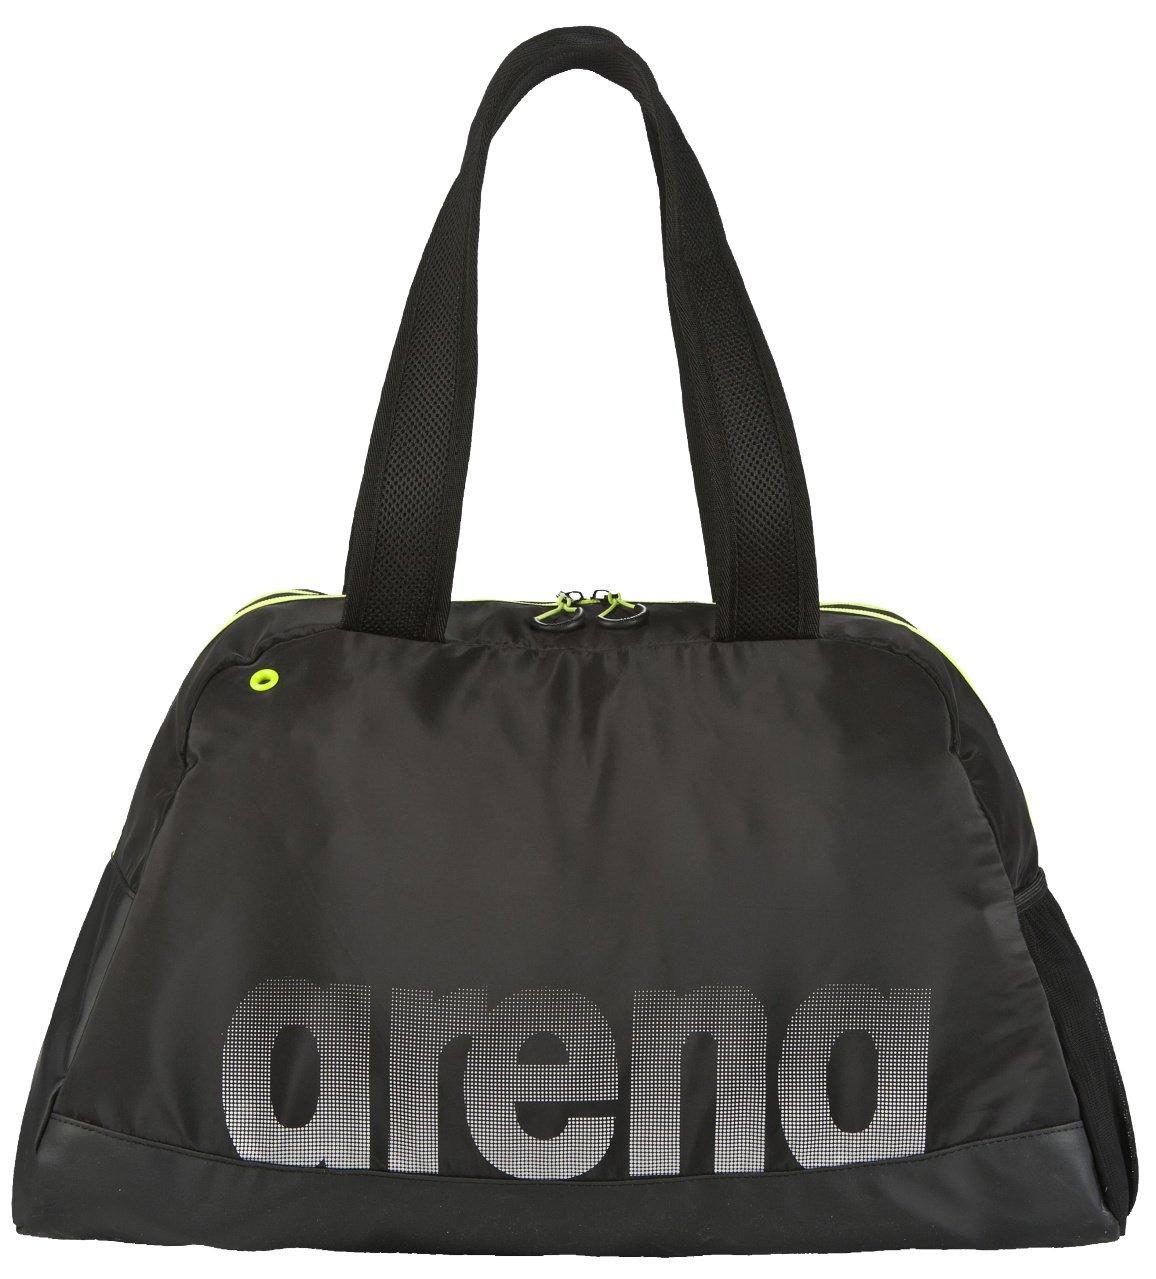 arena Damen Sporttasche Fast Woman (Geräumig, Wasserabweisend, Schnelltrocknend, 50x24x32cm), Black-Yellow (503), One Size AENA5|#Arena 26